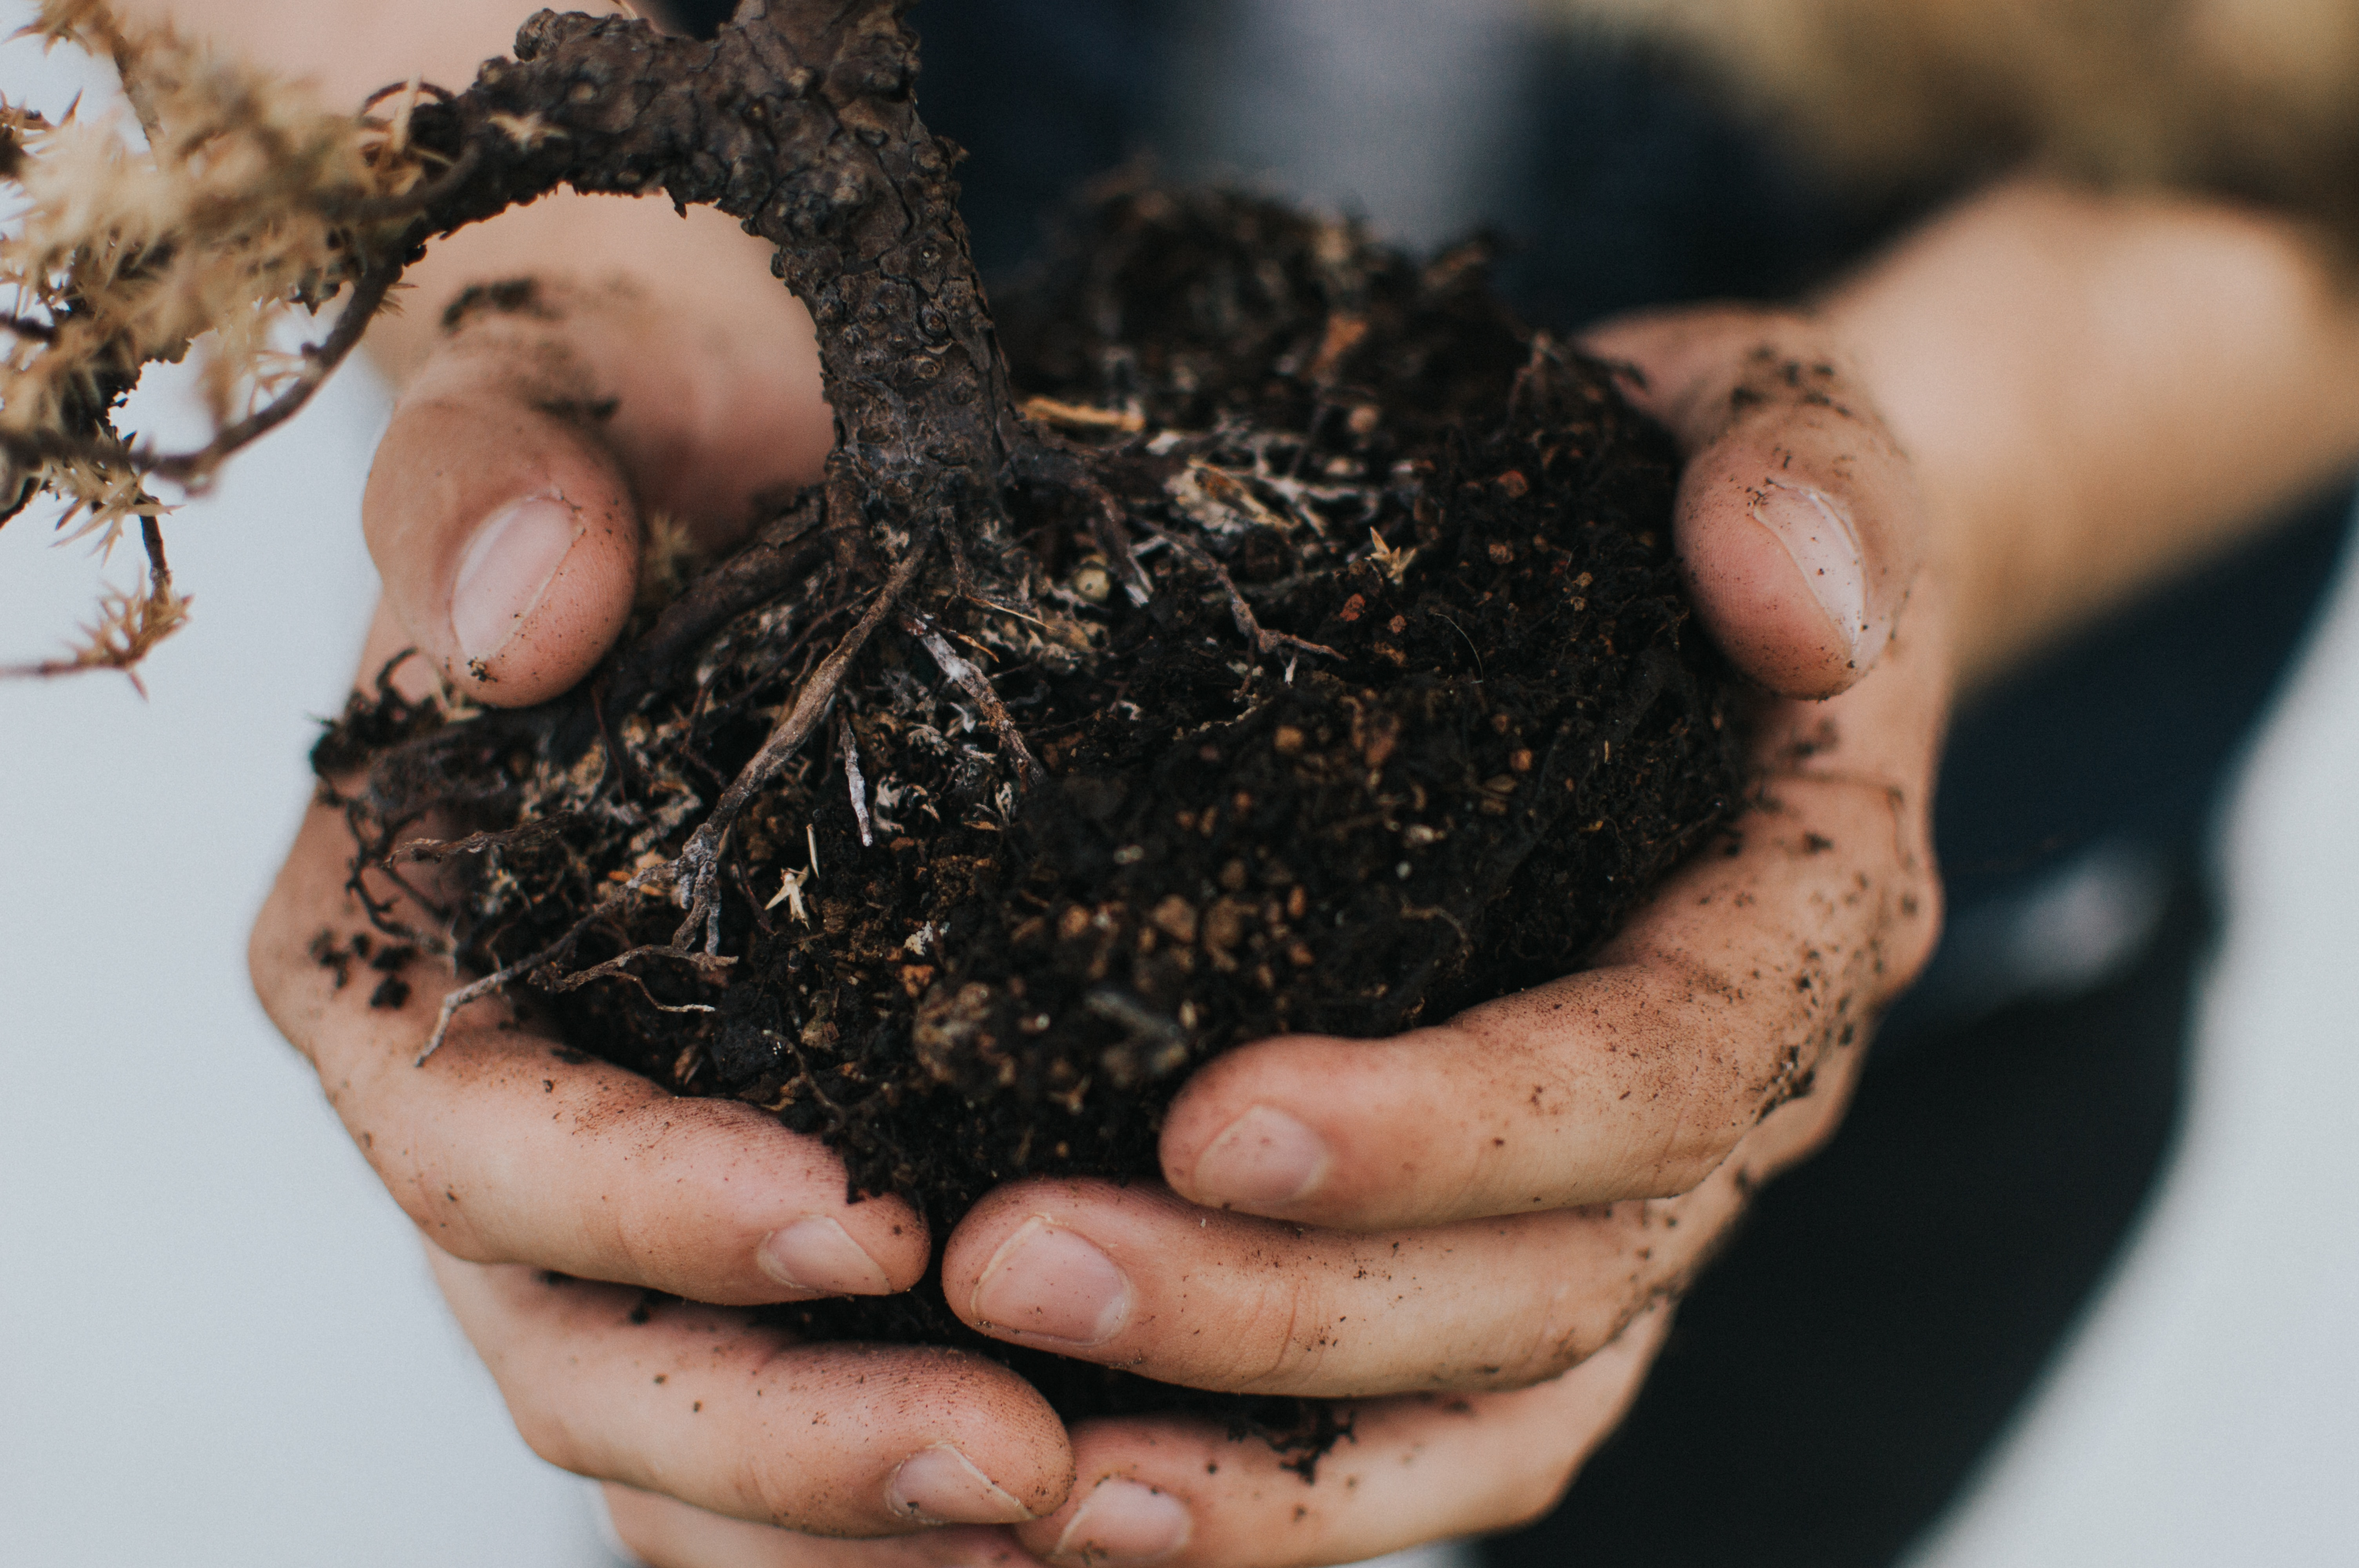 Holding soil in hands gardening